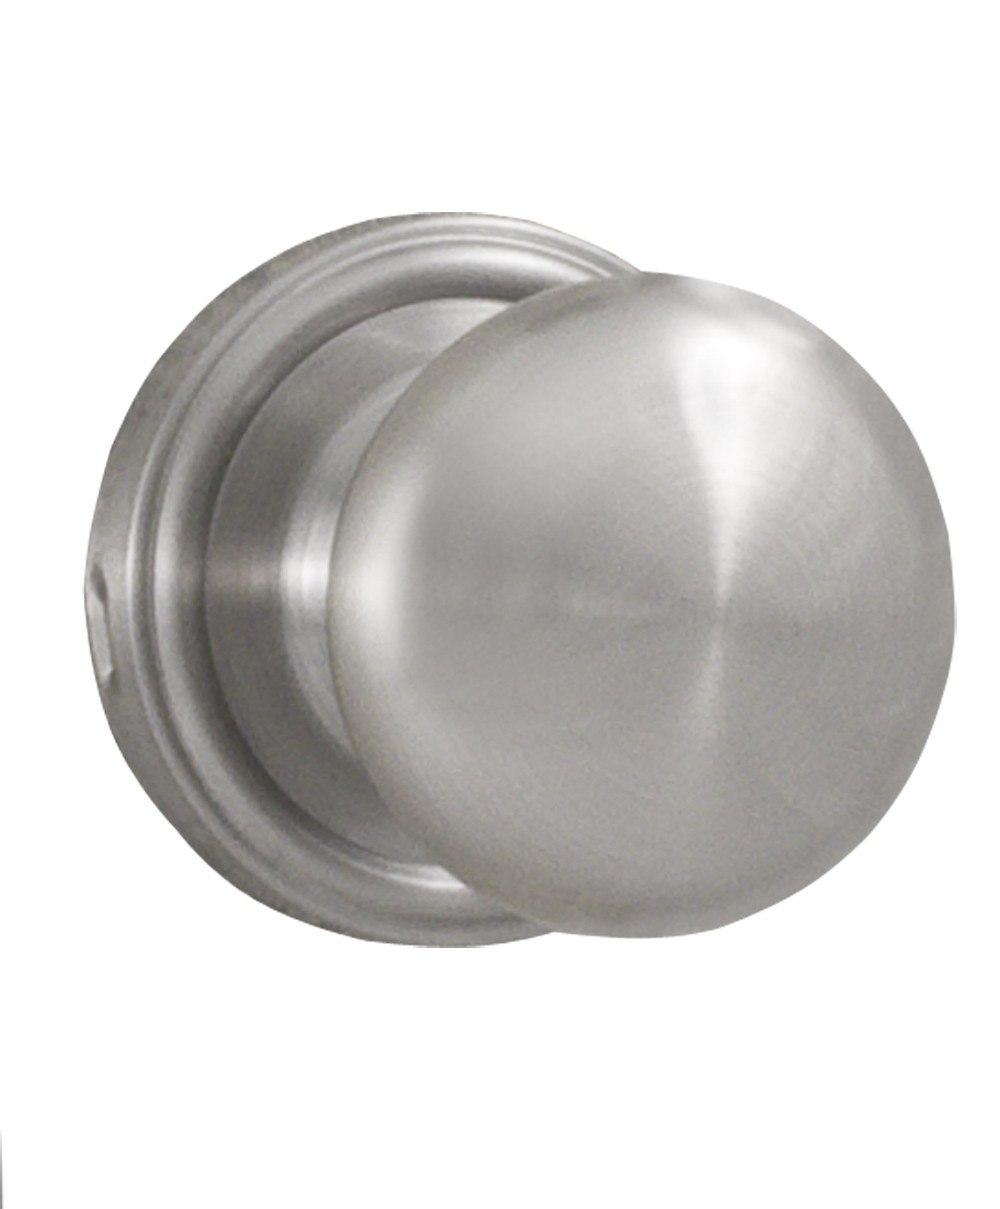 Weslock 00605IN--0020 Impresa Knob Satin Nickel